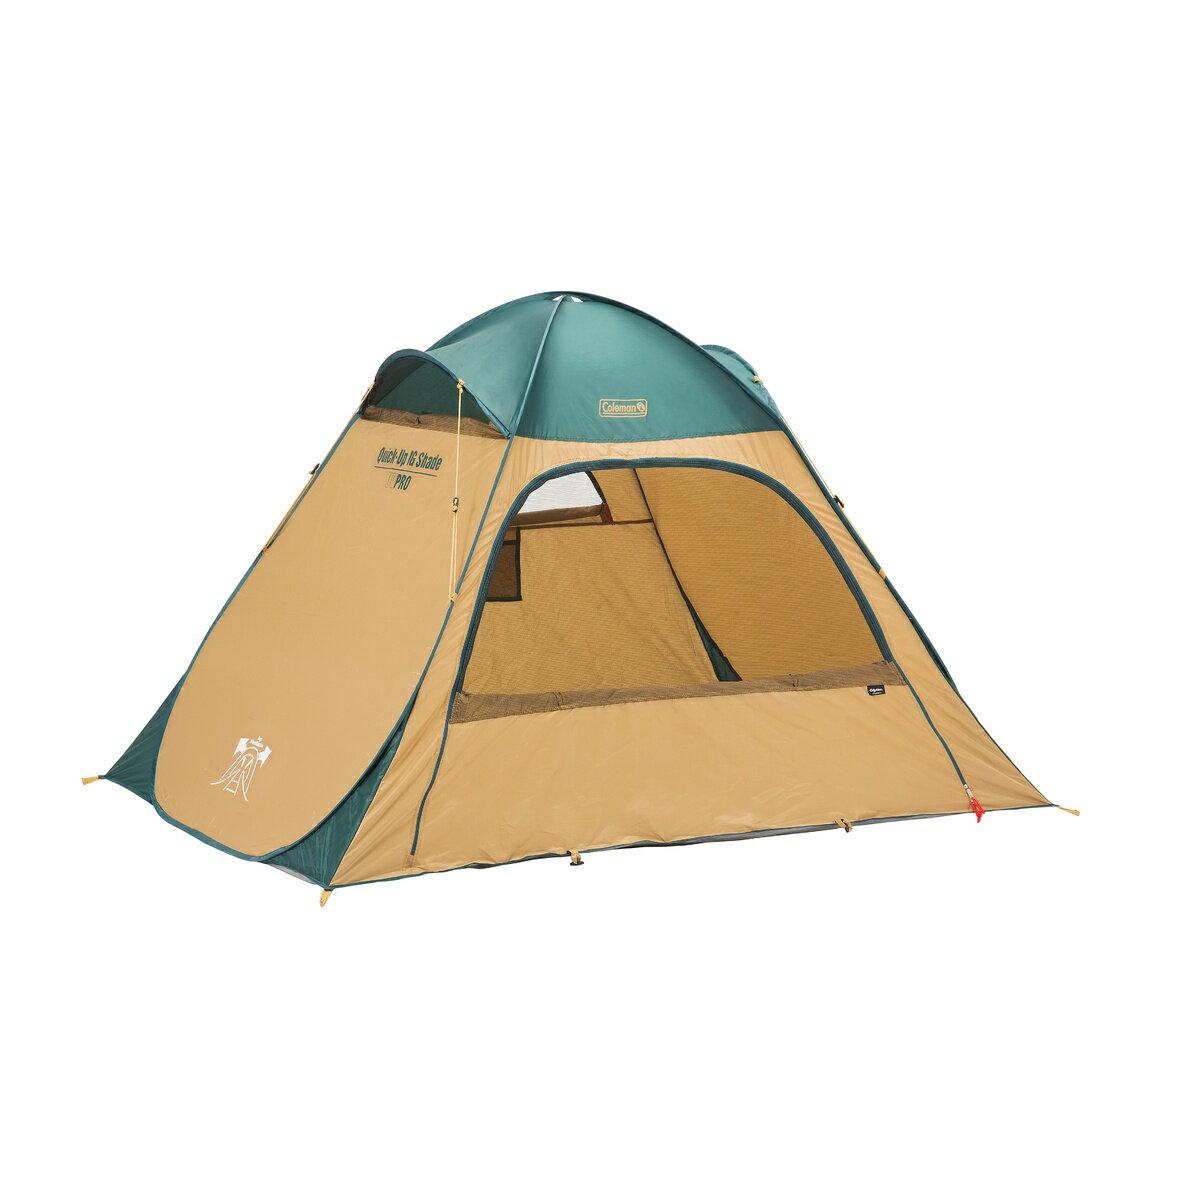 ● COLEMAN (コールマン) キャンプ用品 サンシェード クィツクアップIG゛シェード(グリーン/ベージュ) 2000033131